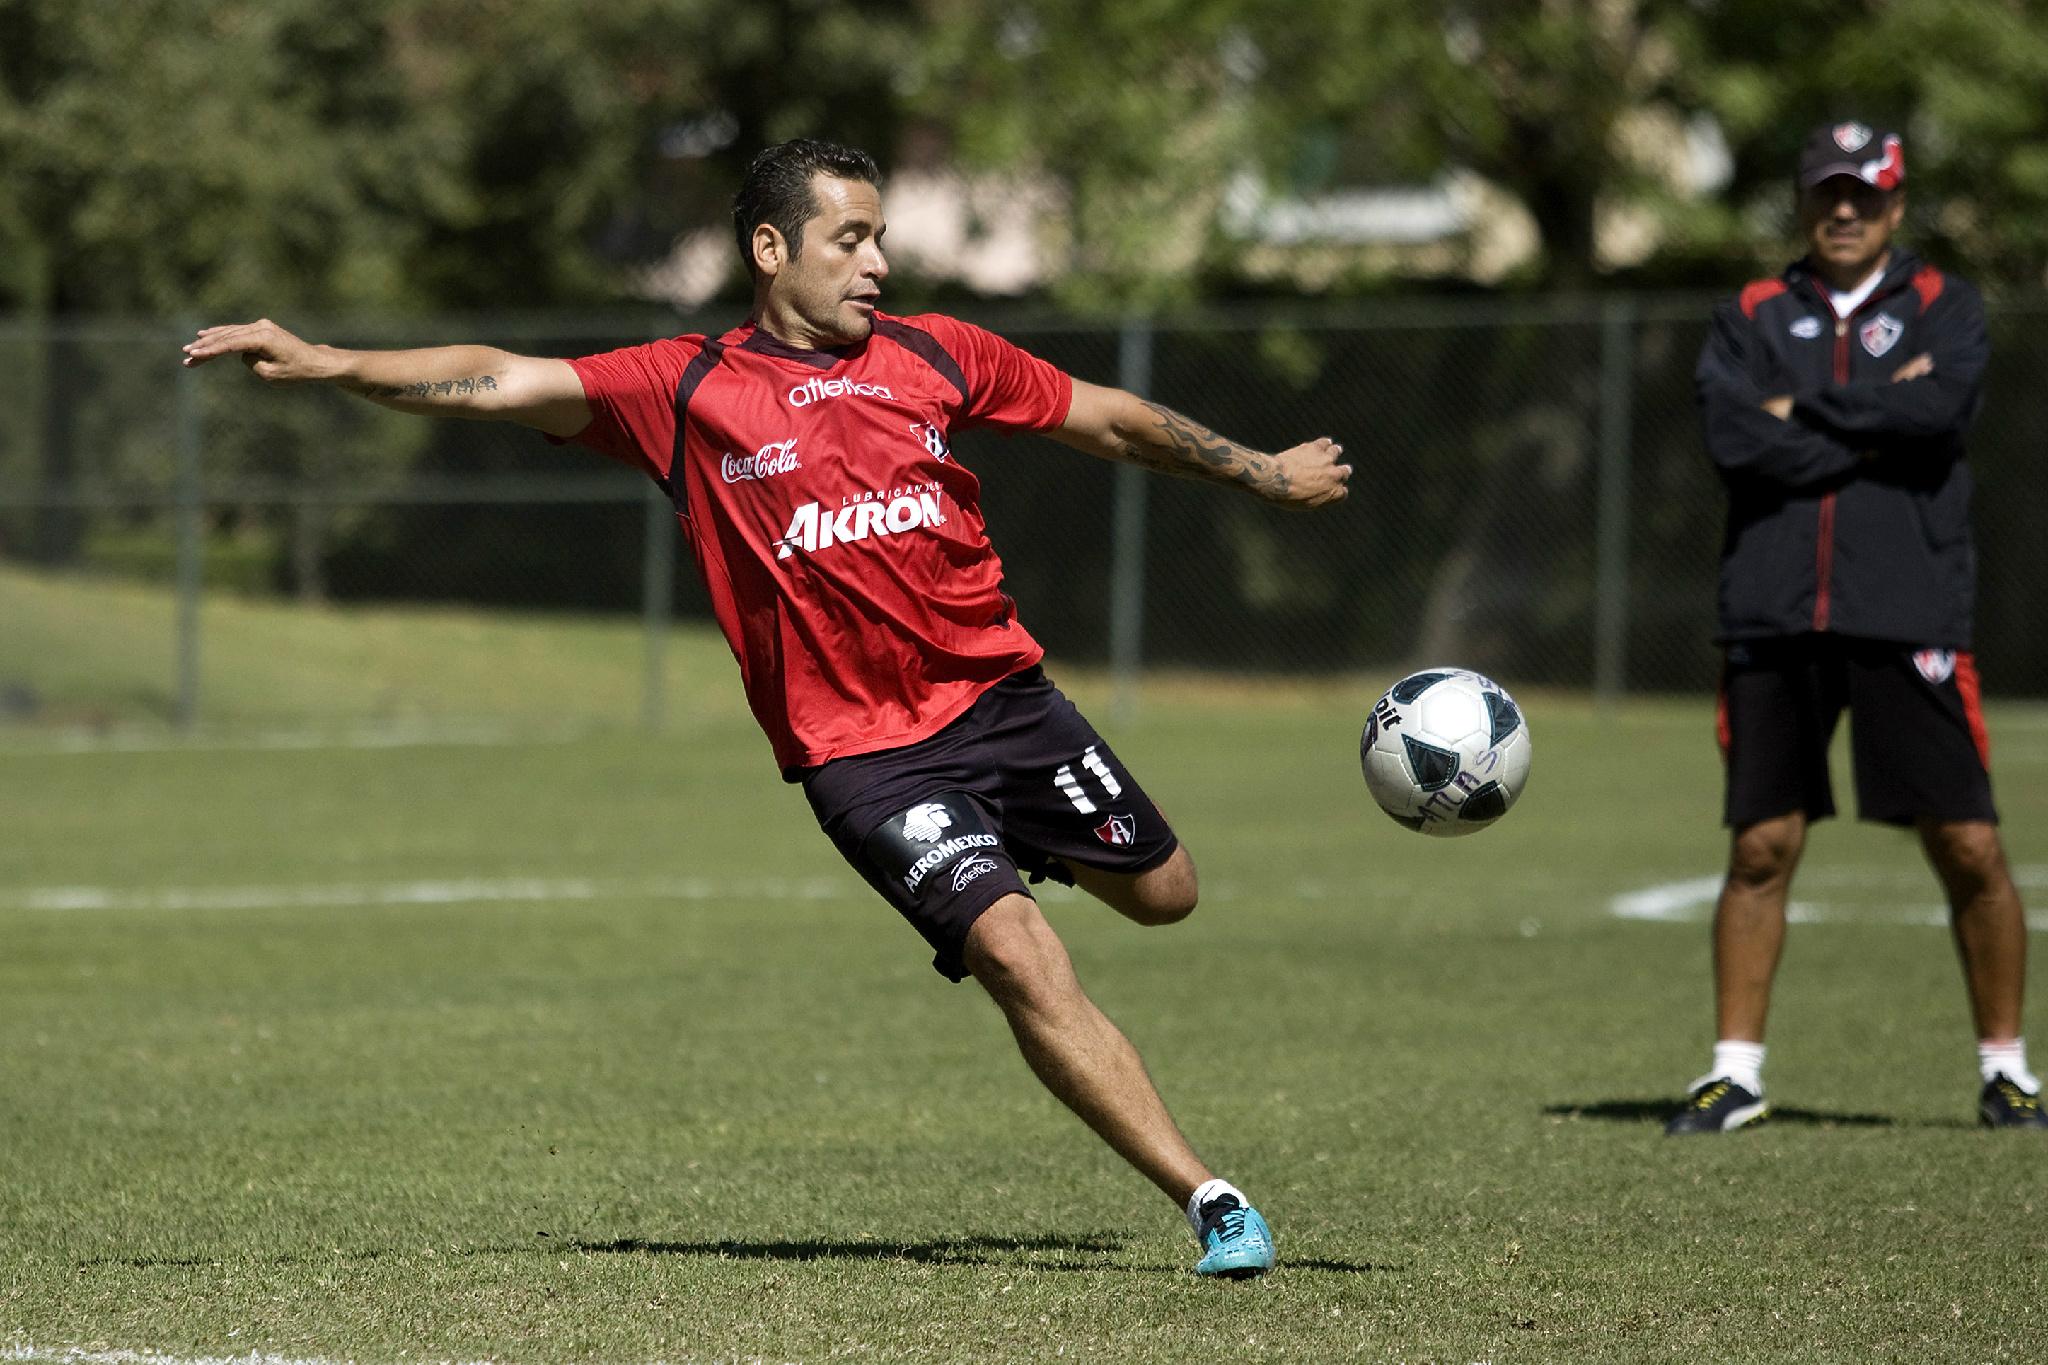 07/06/2012, Daniel Osorno, Atlas, Daniel Osorno, Futbolista, Contrato